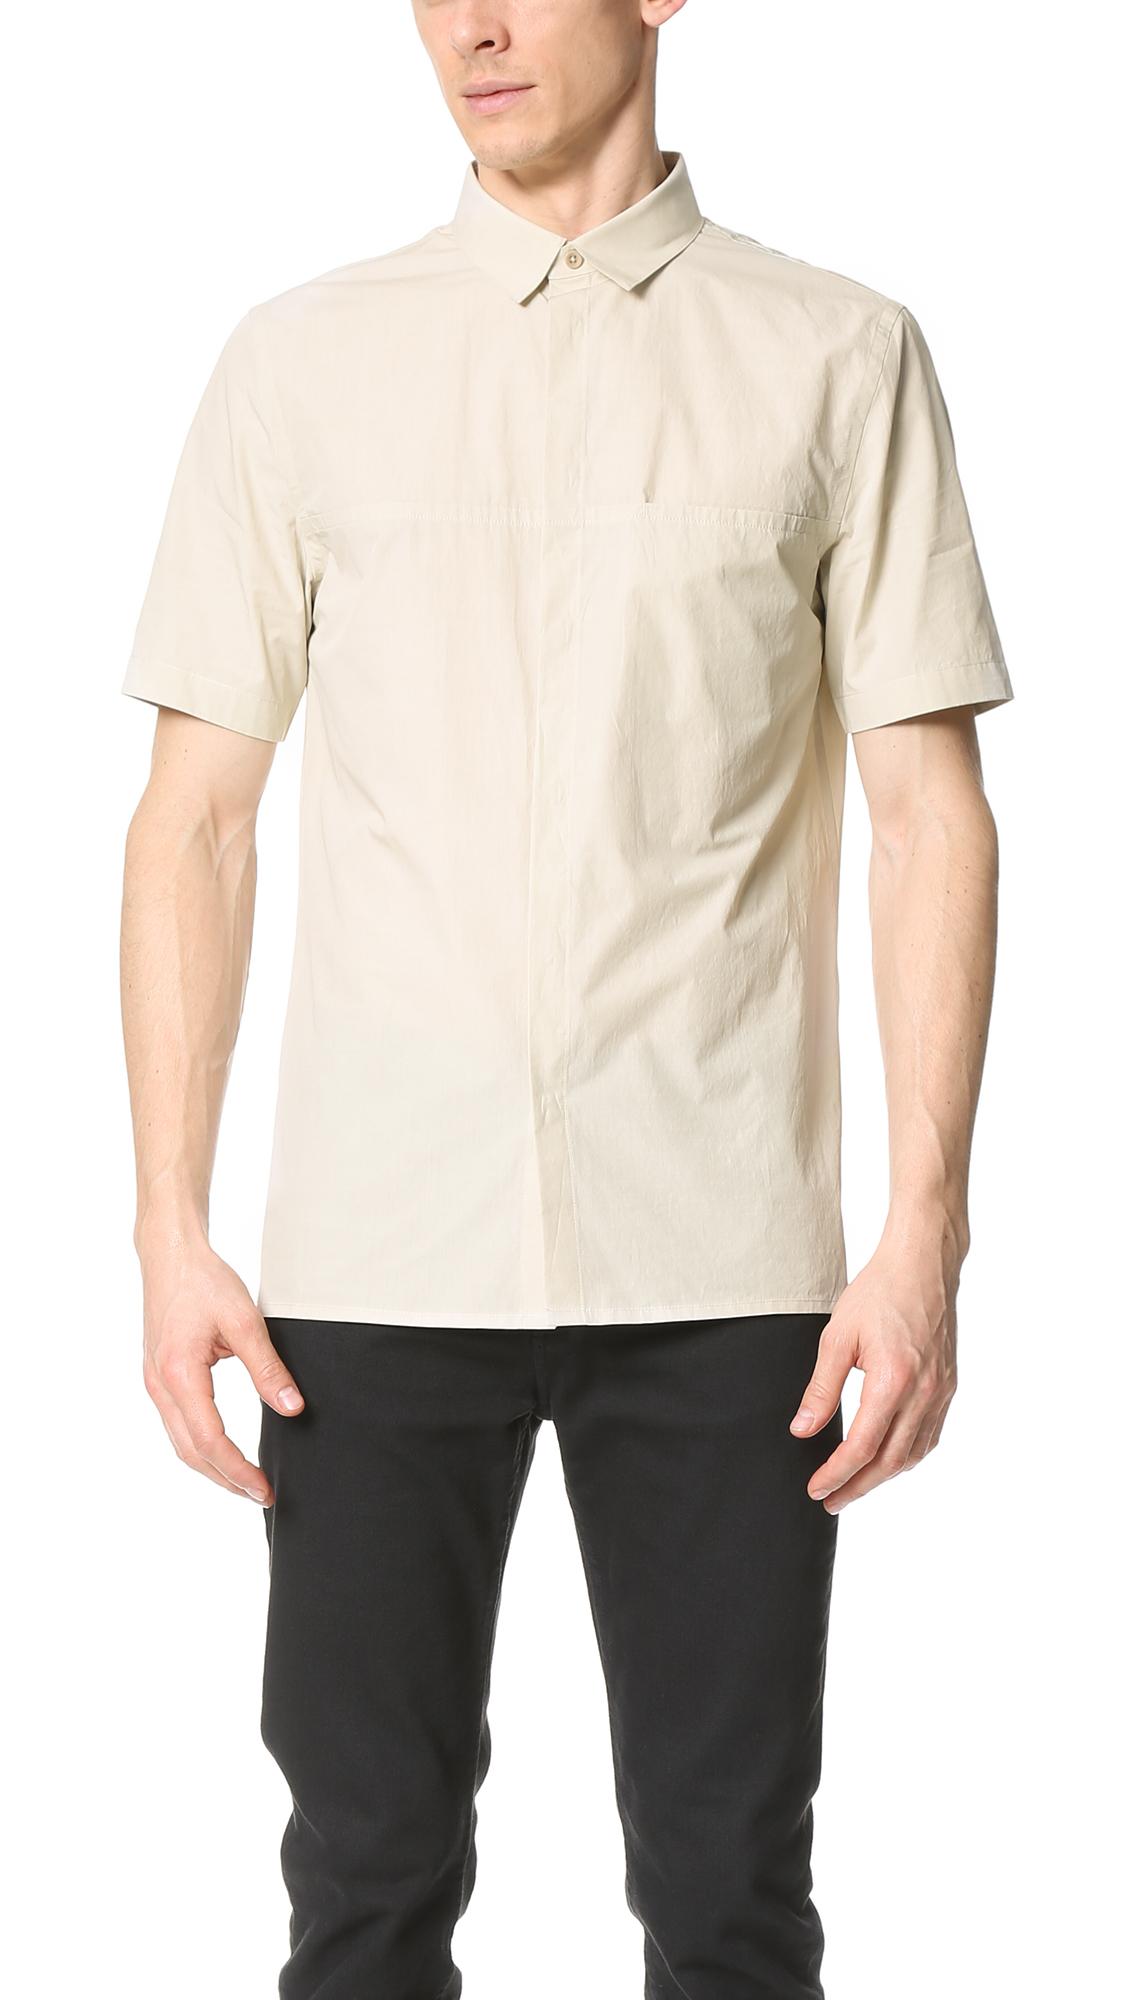 helmut lang whisper short sleeve shirt in natural for men. Black Bedroom Furniture Sets. Home Design Ideas